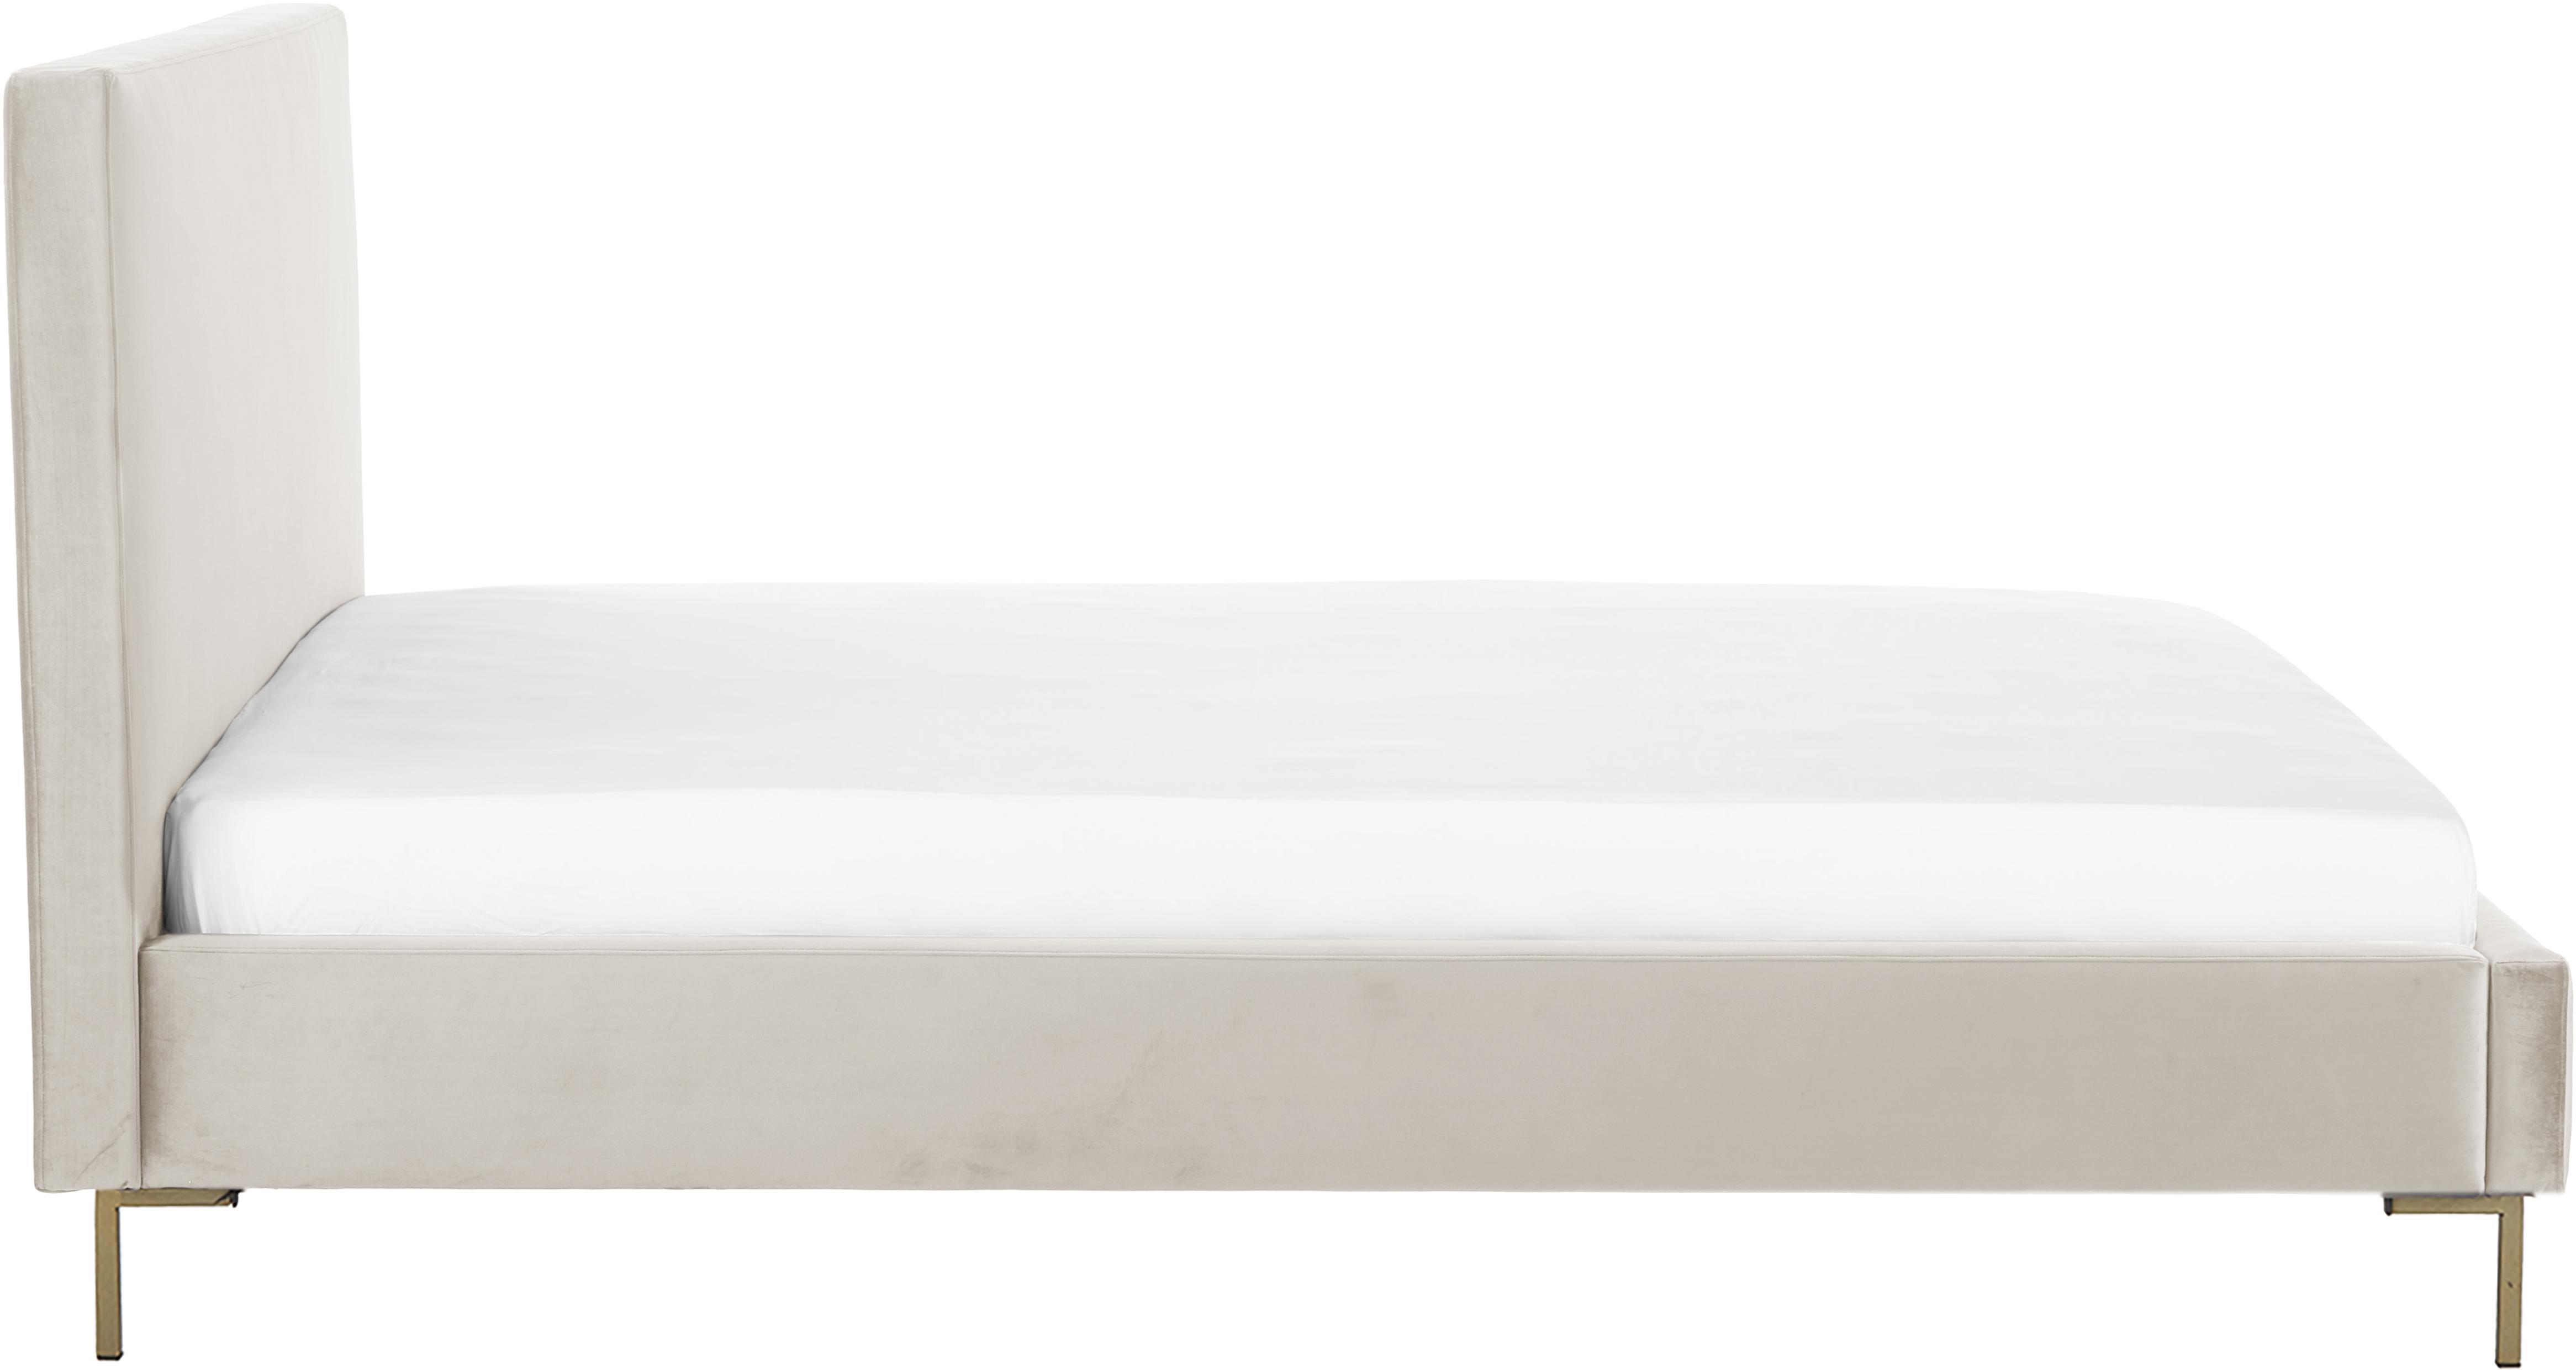 Fluwelen gestoffeerd bed Peace, Frame: massief grenenhout, Poten: gepoedercoat metaal, Bekleding: polyester fluweel, Taupe, 180 x 200 cm